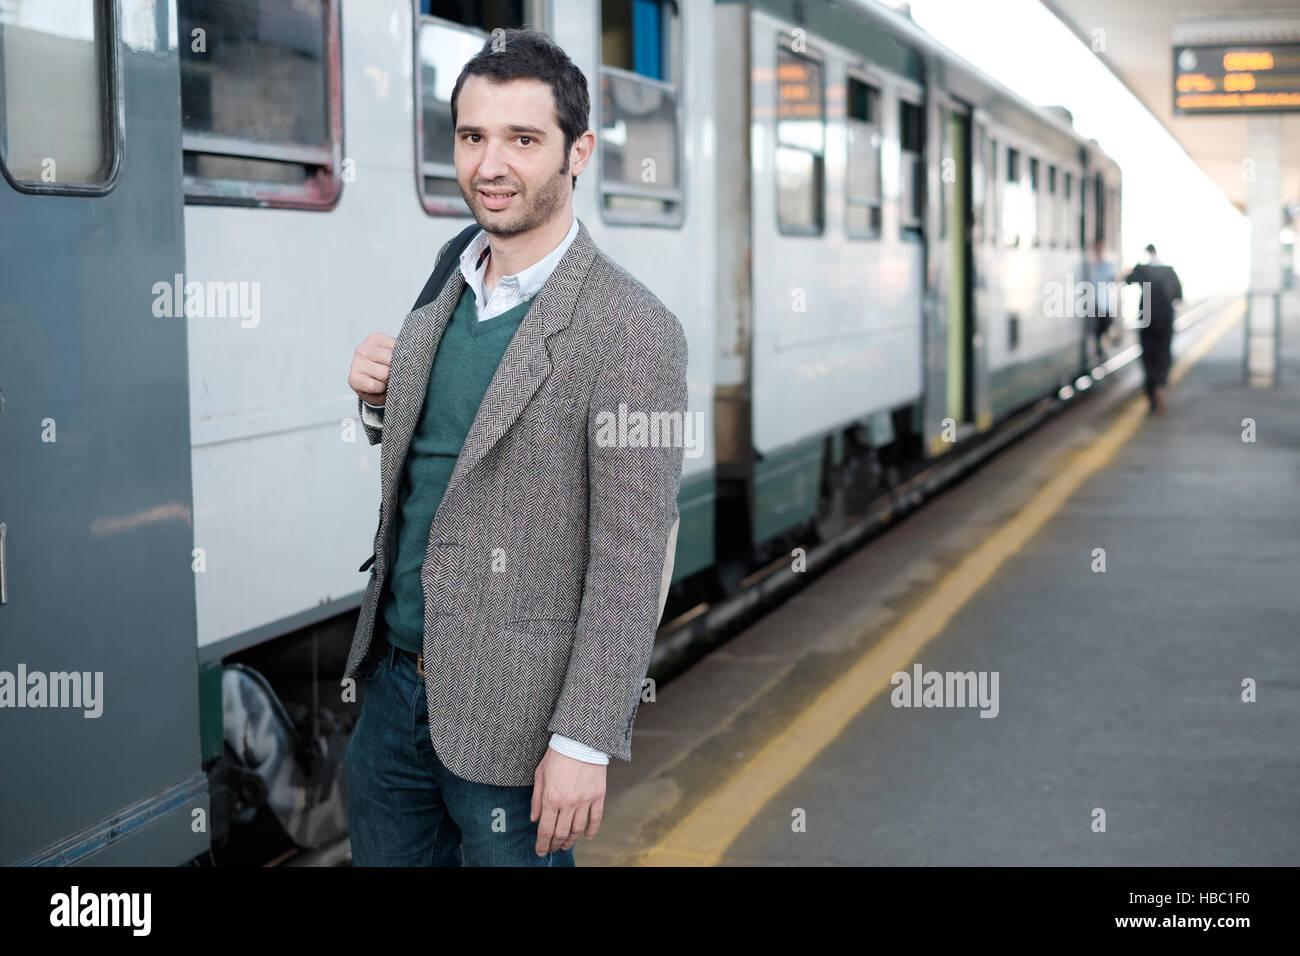 Hombre de pie esperando el tren en una estación de tren plataforma Foto de stock